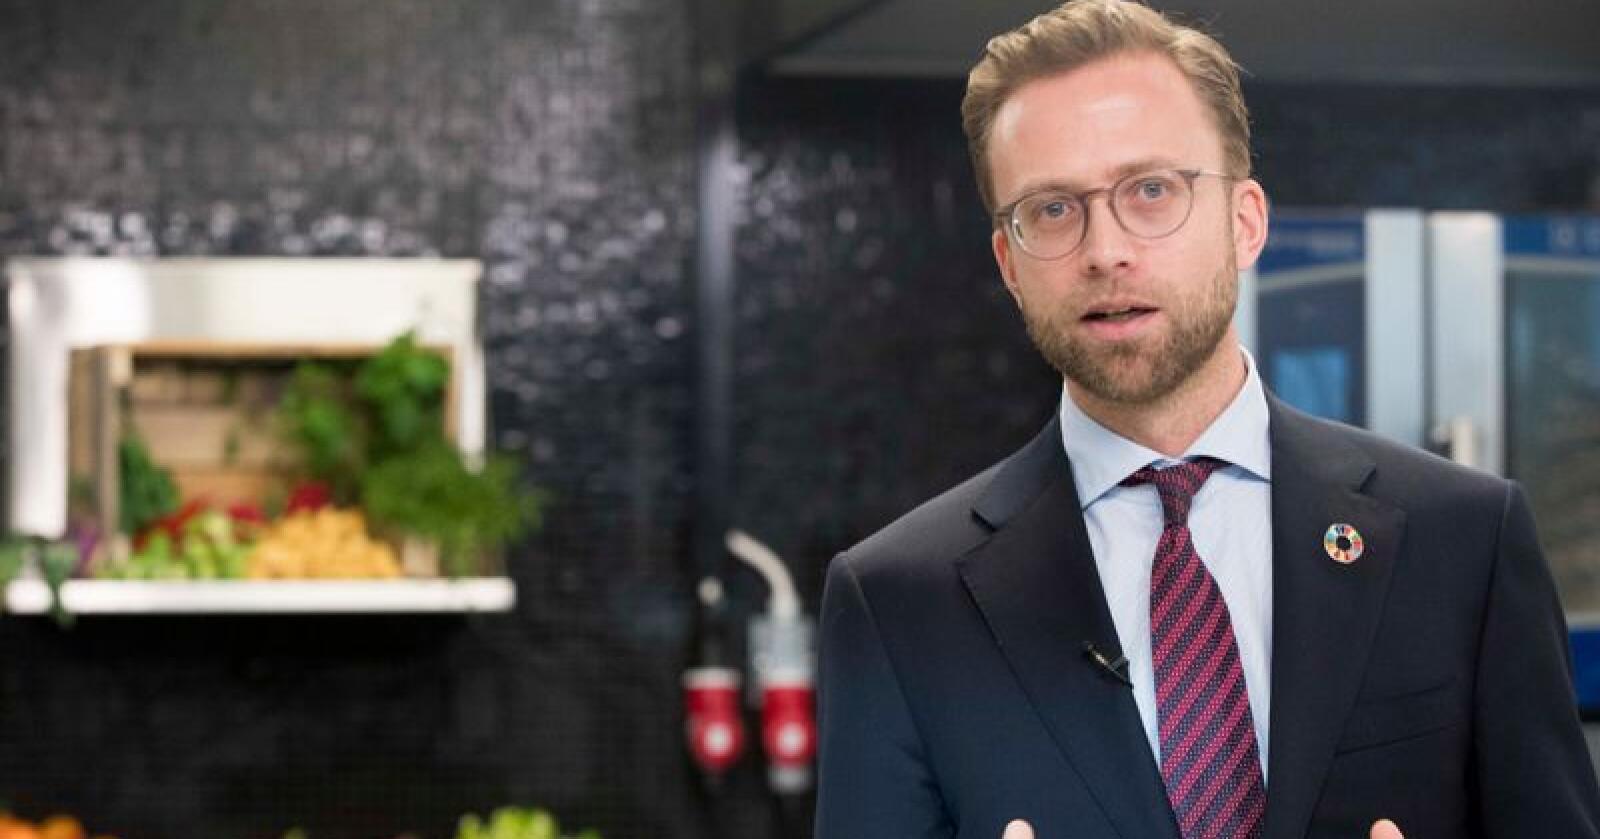 Digitaliseringsminister Nikolai Astrup varsler en ny stortingsmelding om mobil, bredbånd og telemarkedet. Foto: Terje Pedersen / NTB scanpix